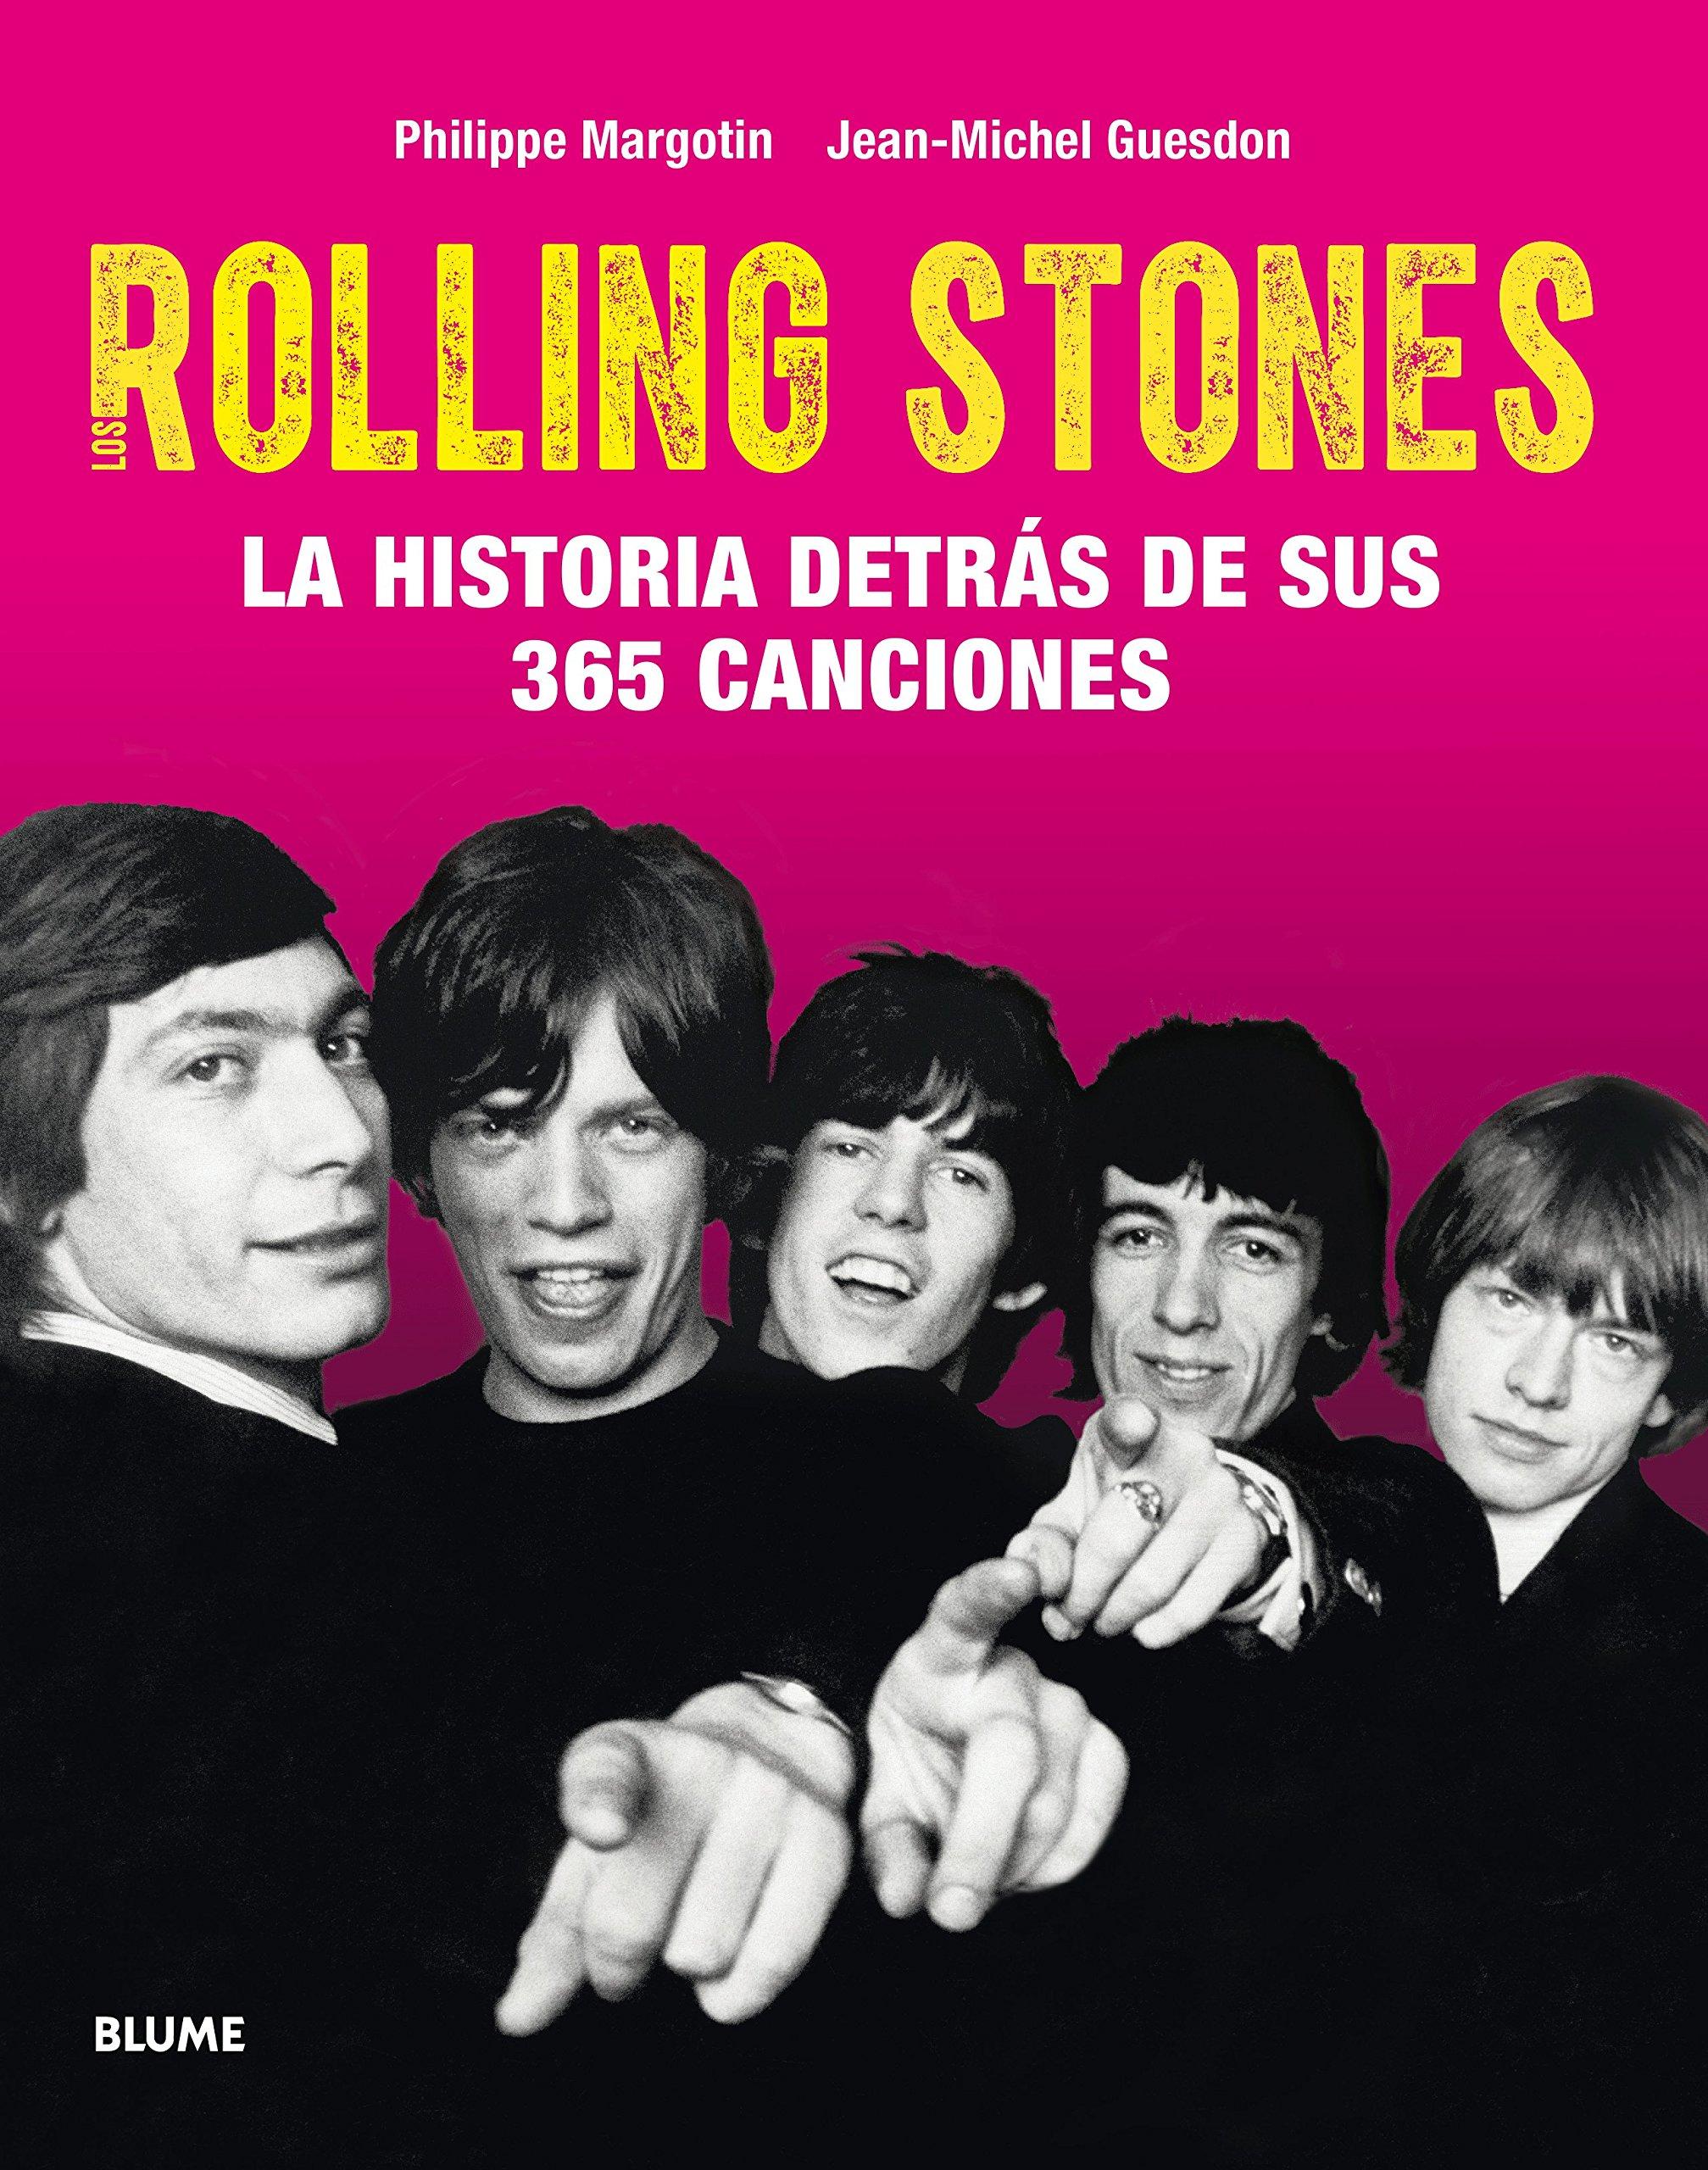 Literatura rock - Página 34 91cgb7CsP6L